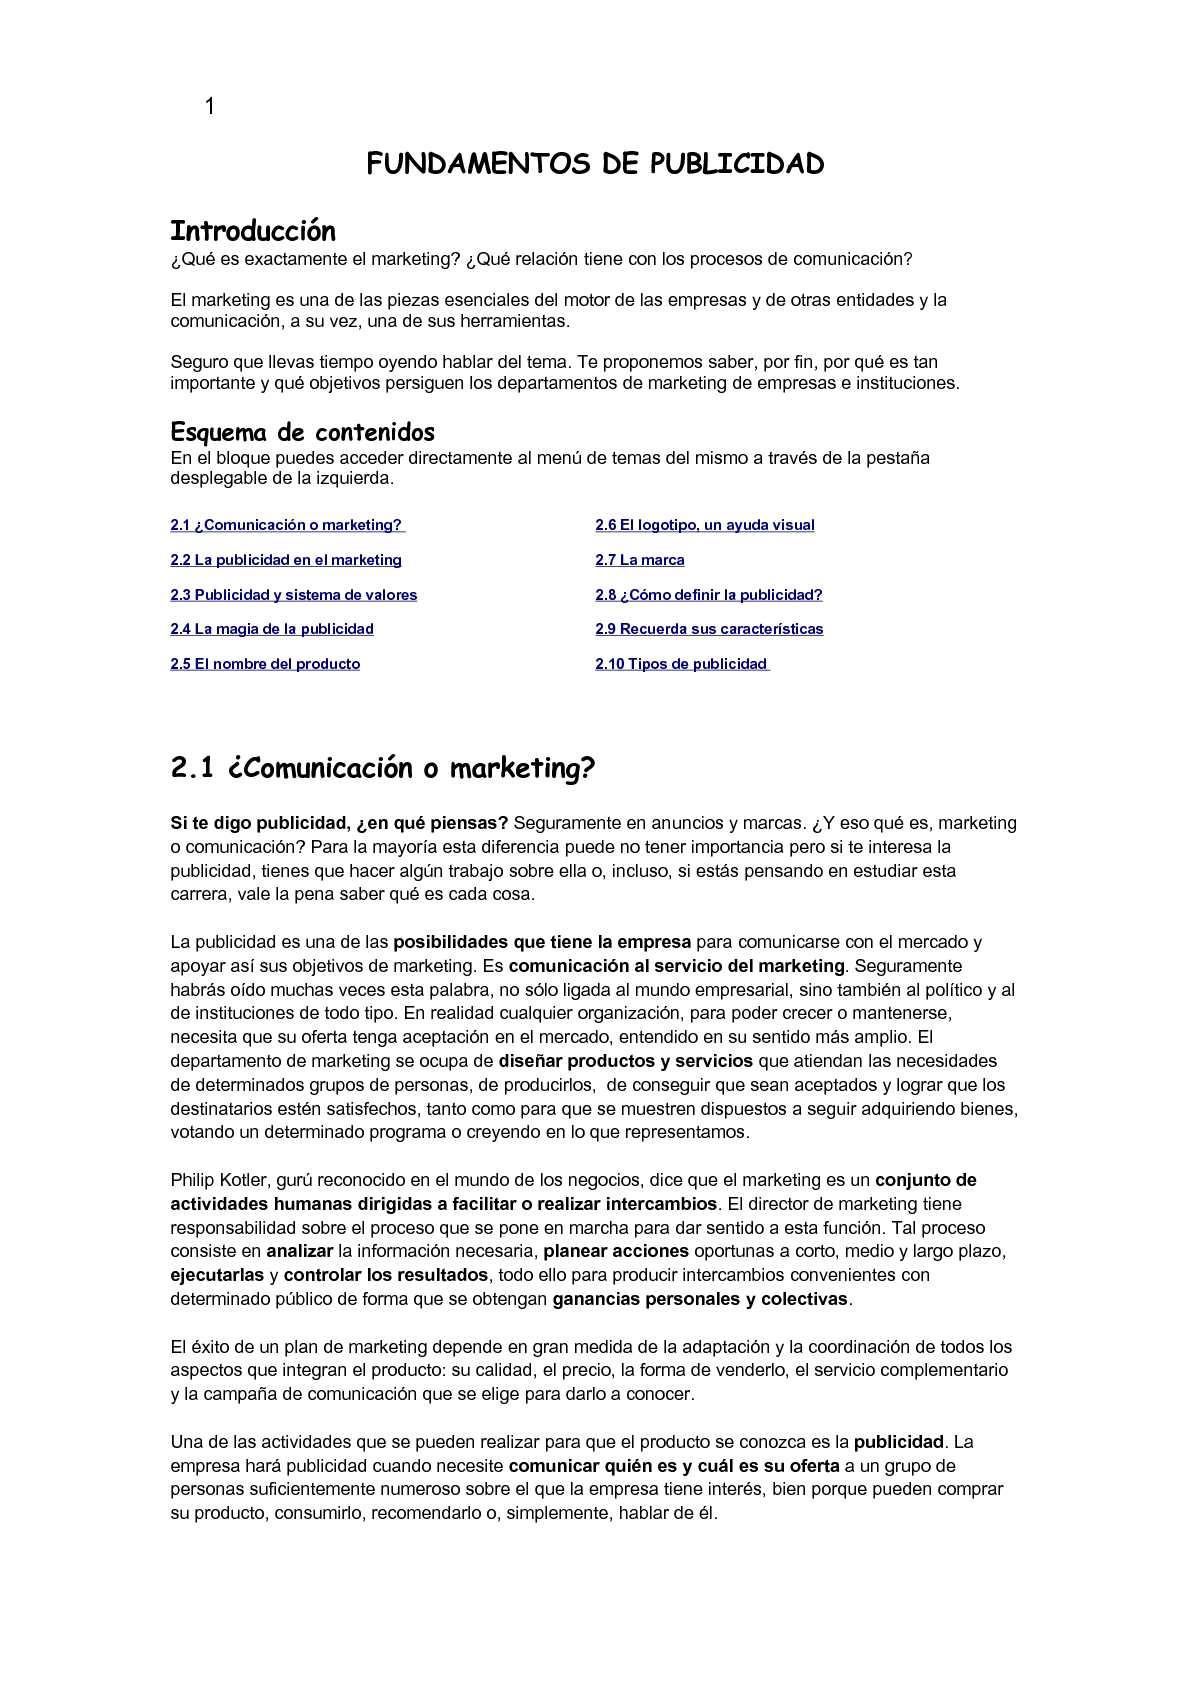 FUNDAMENTOS DE PUBLICIDAD